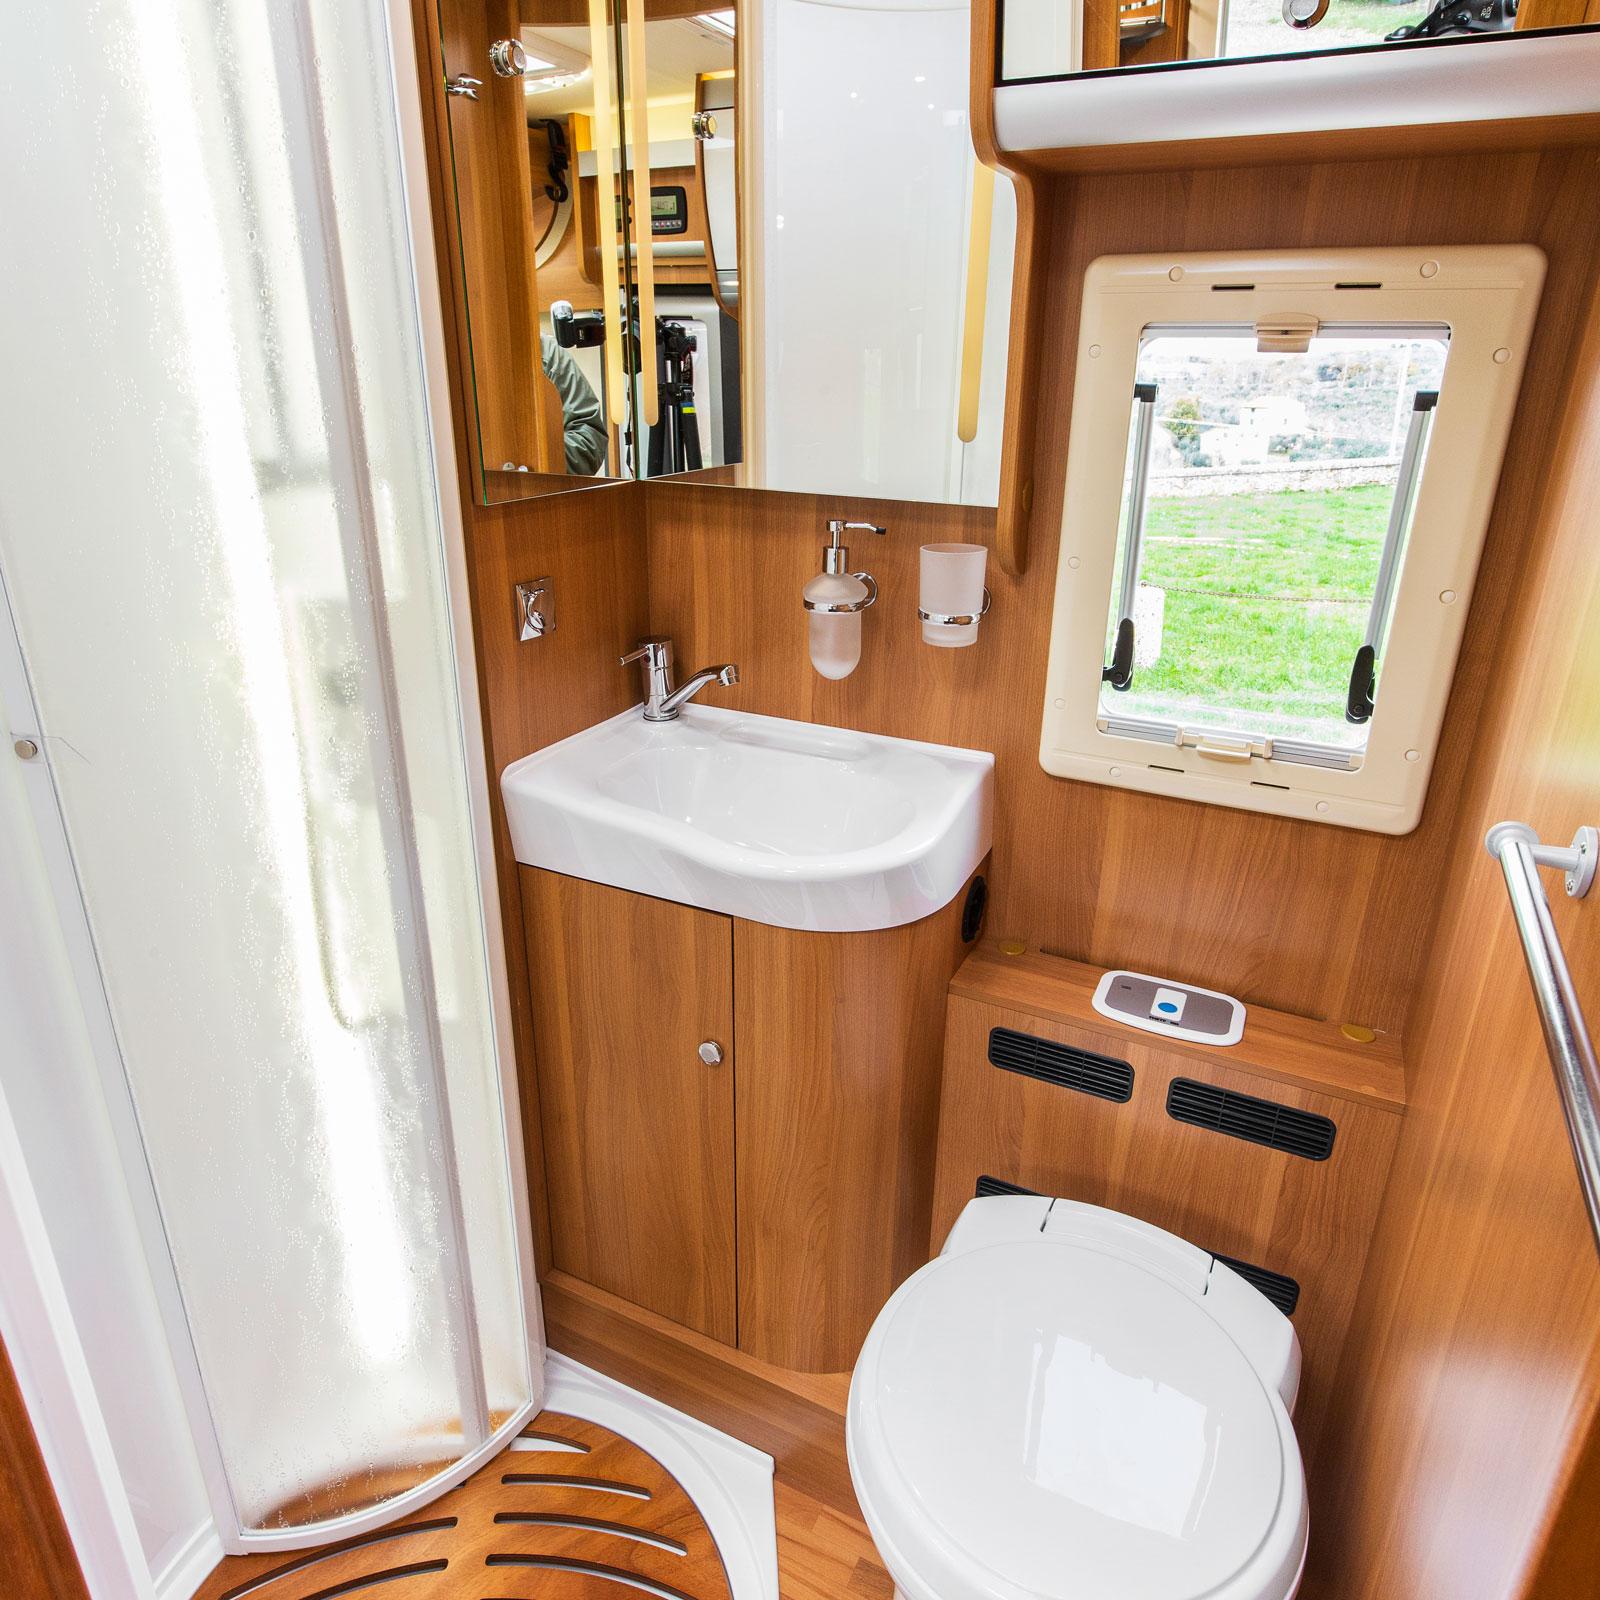 Tjusigt. Badrummet är riktigt rymligt och trevligt designat. En plump i protokollet är att det är god insyn utifrån vilket kan störa.